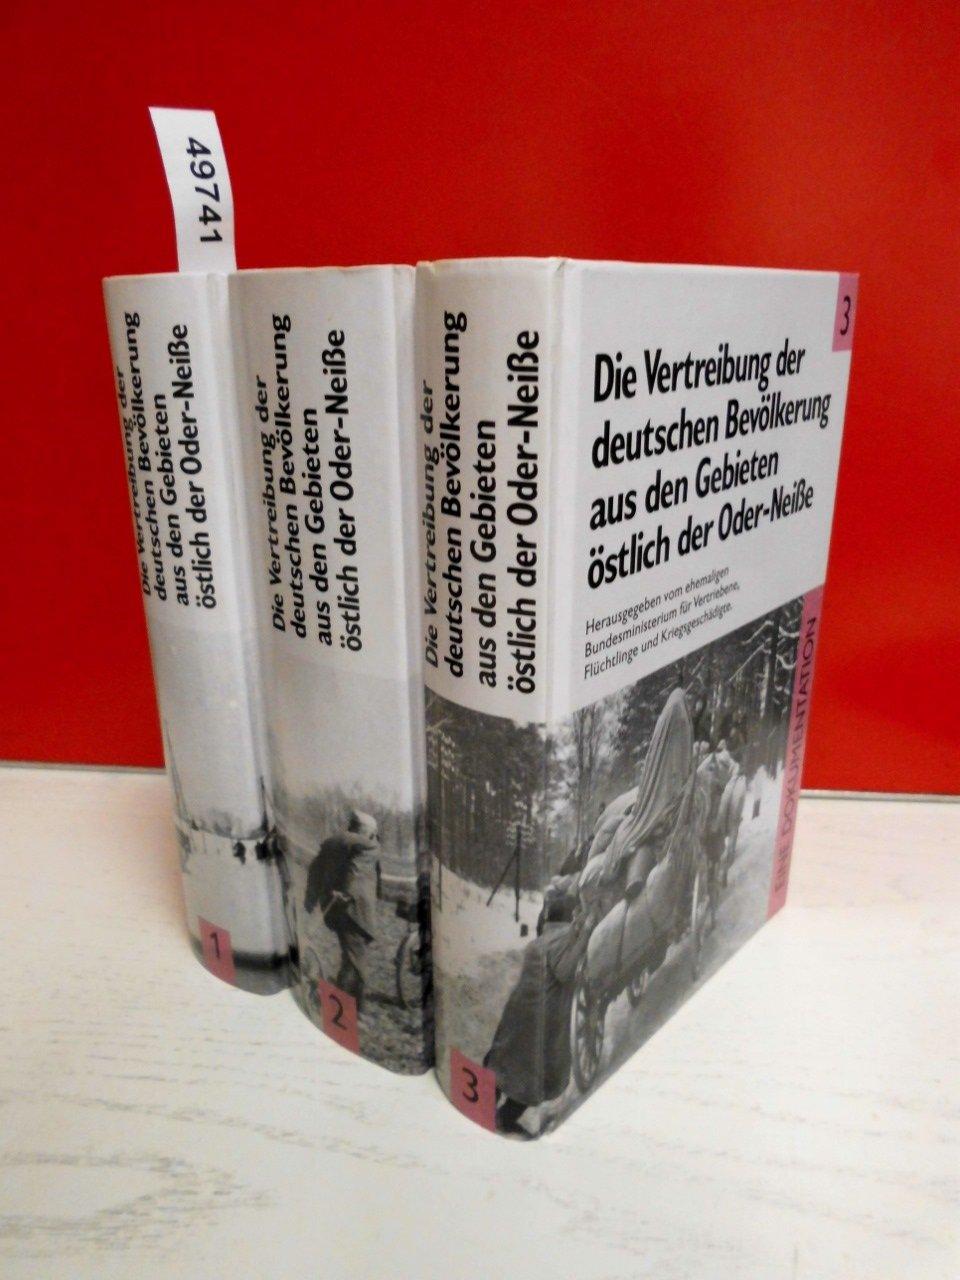 Die Vertreibung der deutschen Bevölkerung aus den Gebieten östlich der Oder-Neisse